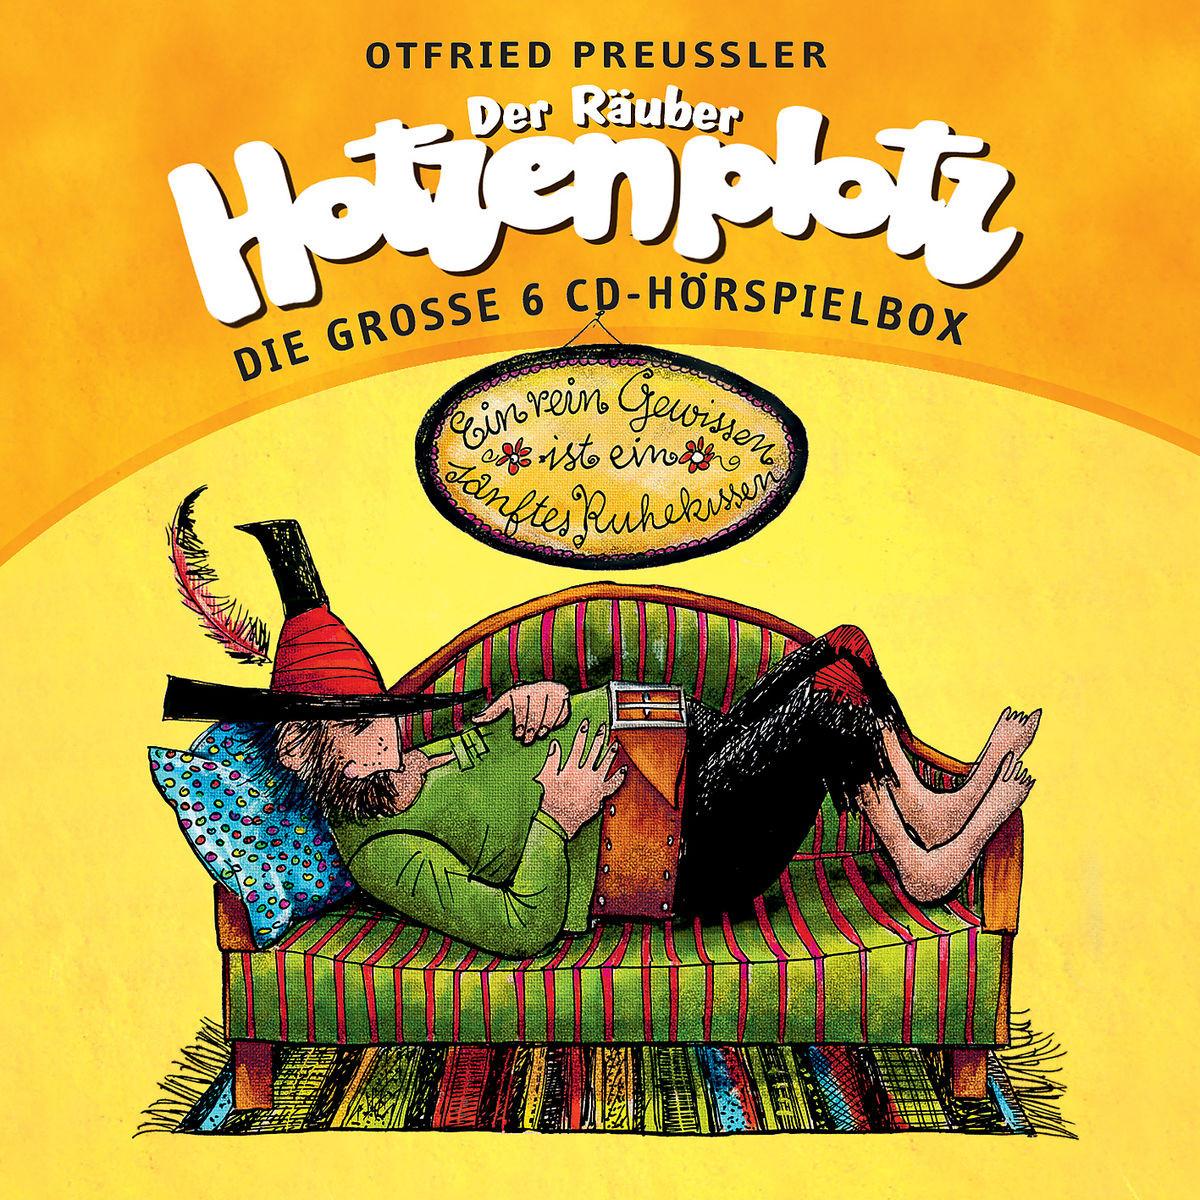 Der Räuber Hotzenplotz - Die große 6 CD-Hörspielbox